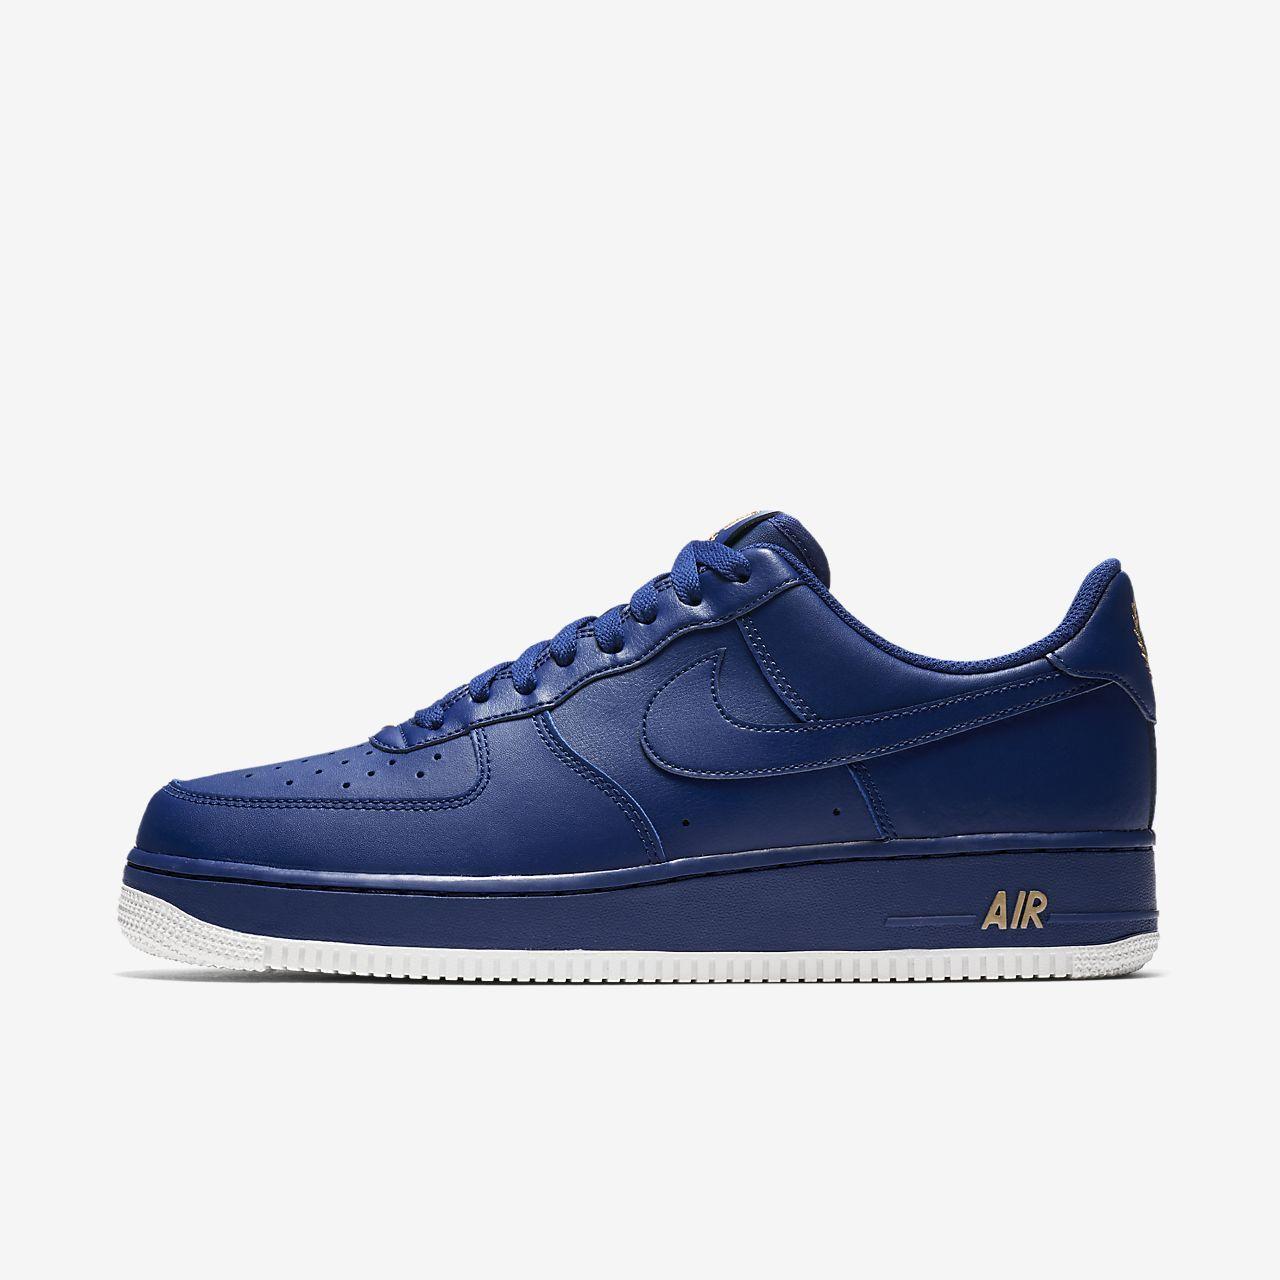 Chaussure Nike Air Force 1 07 pour Homme   Mon favori bleu ... f5b5b5cc8fd7